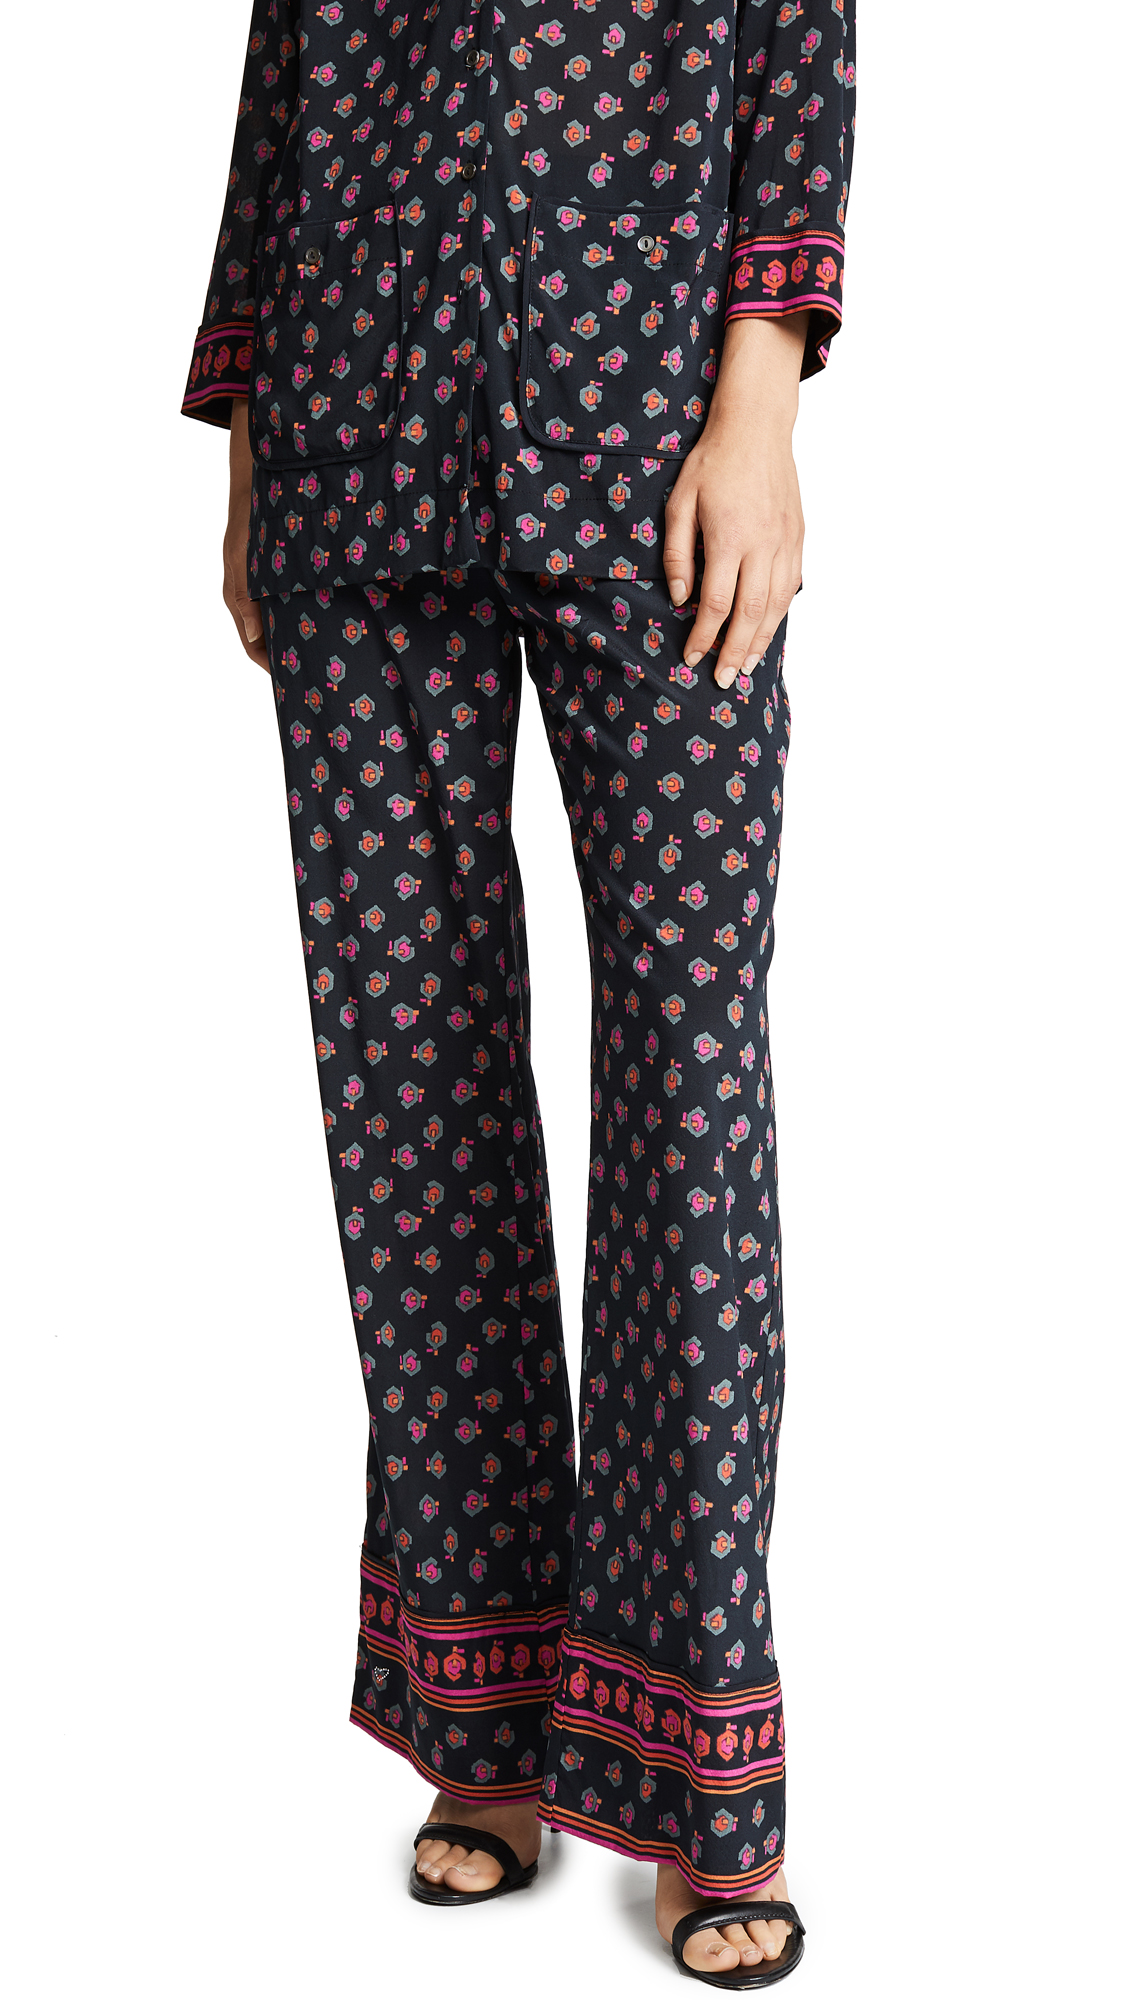 Nola Pajama Pants in Black Print